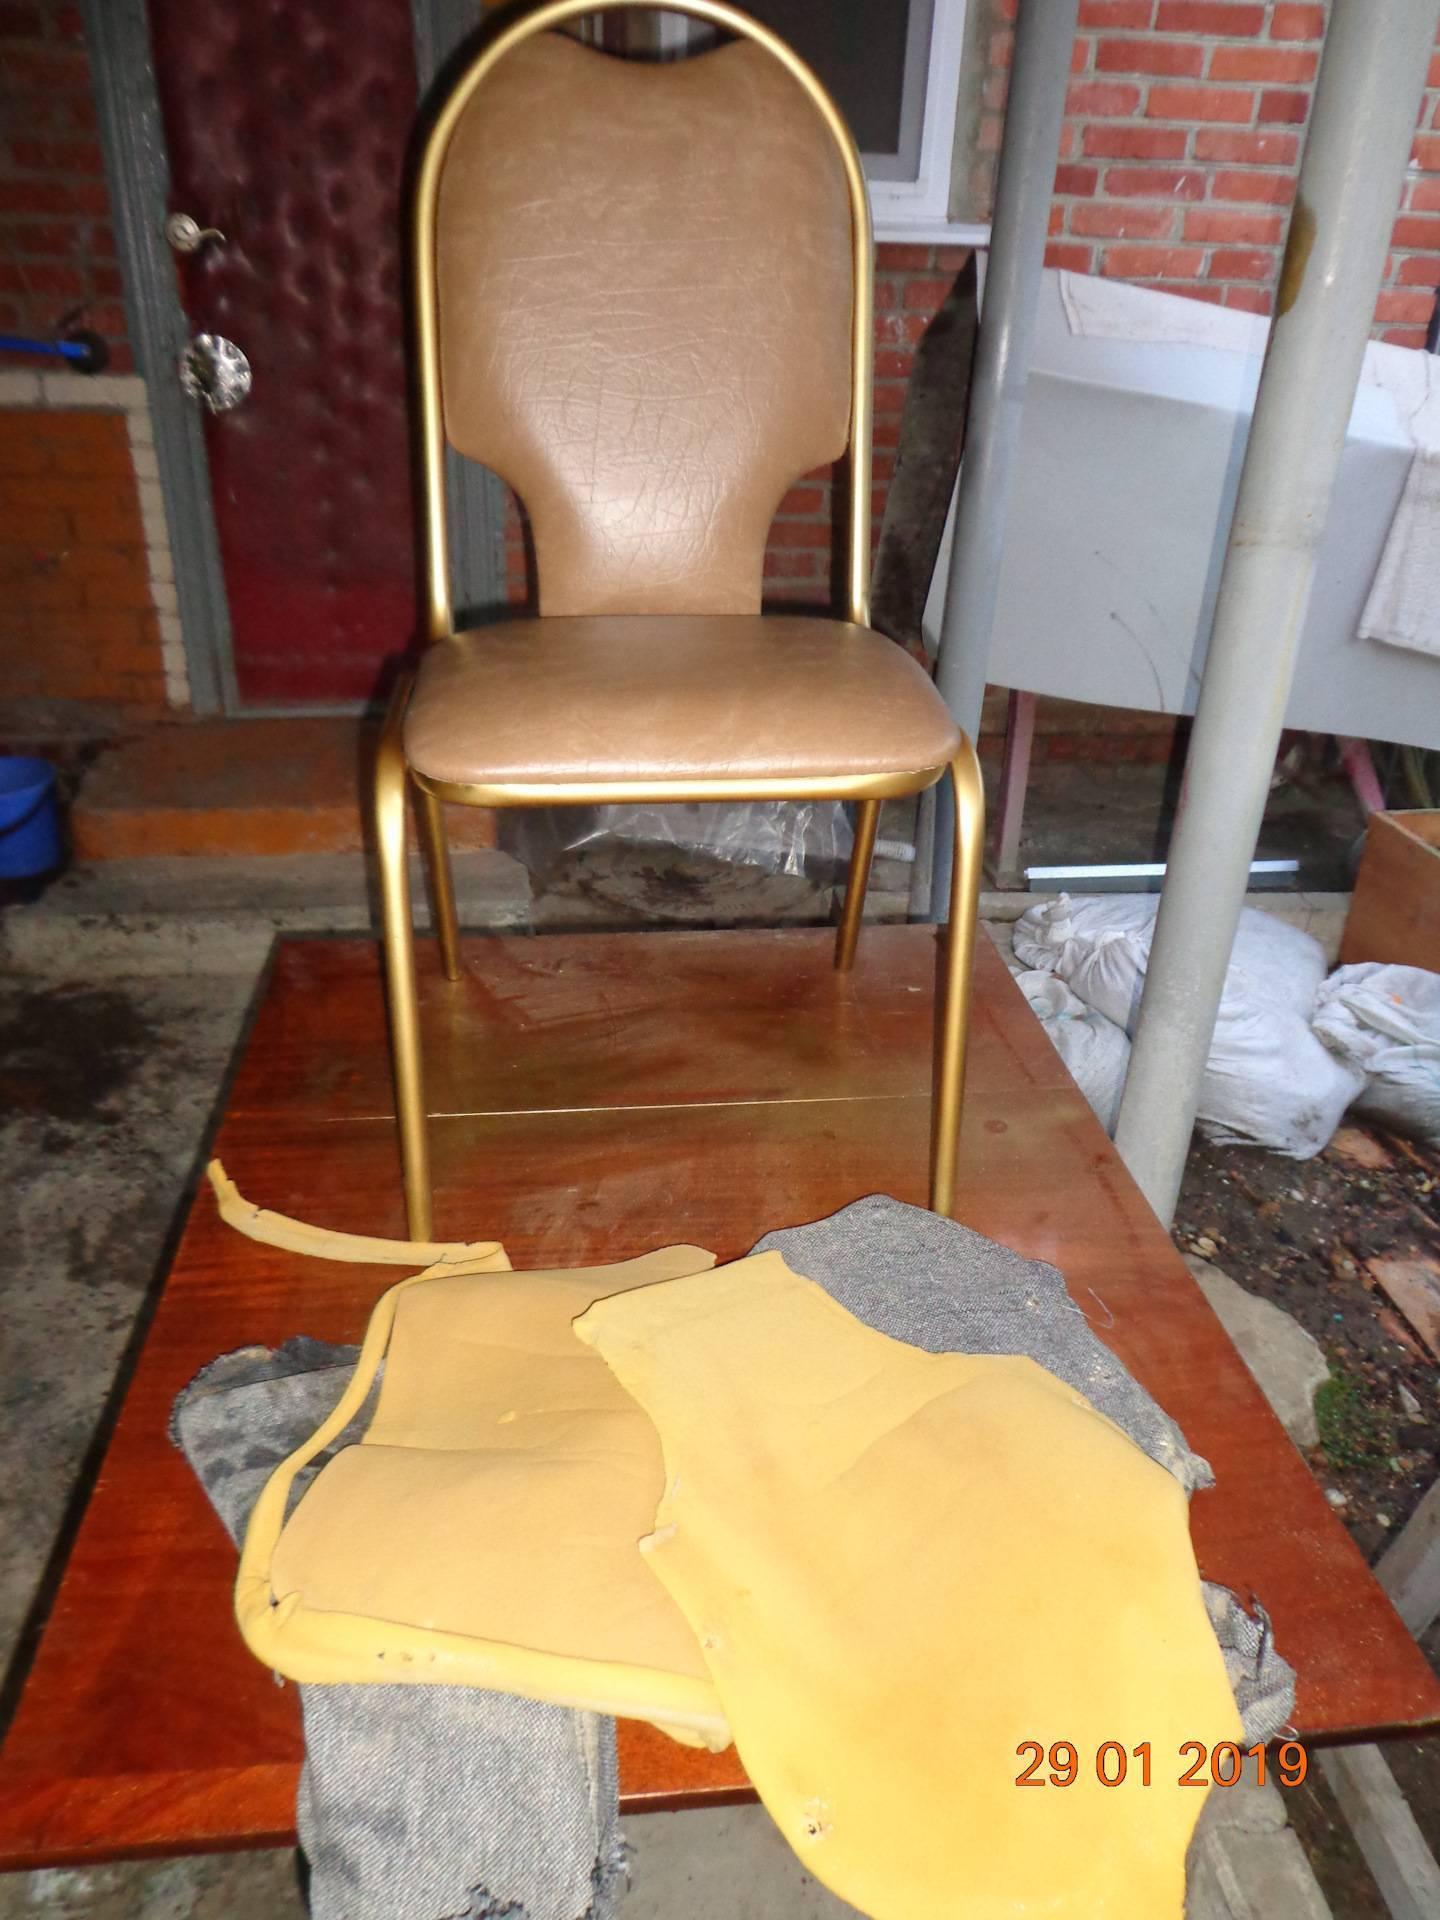 Перетяжка стульев – подбор материалов, обзор вариантов дизайна и инструкция по реализации (115 фото)